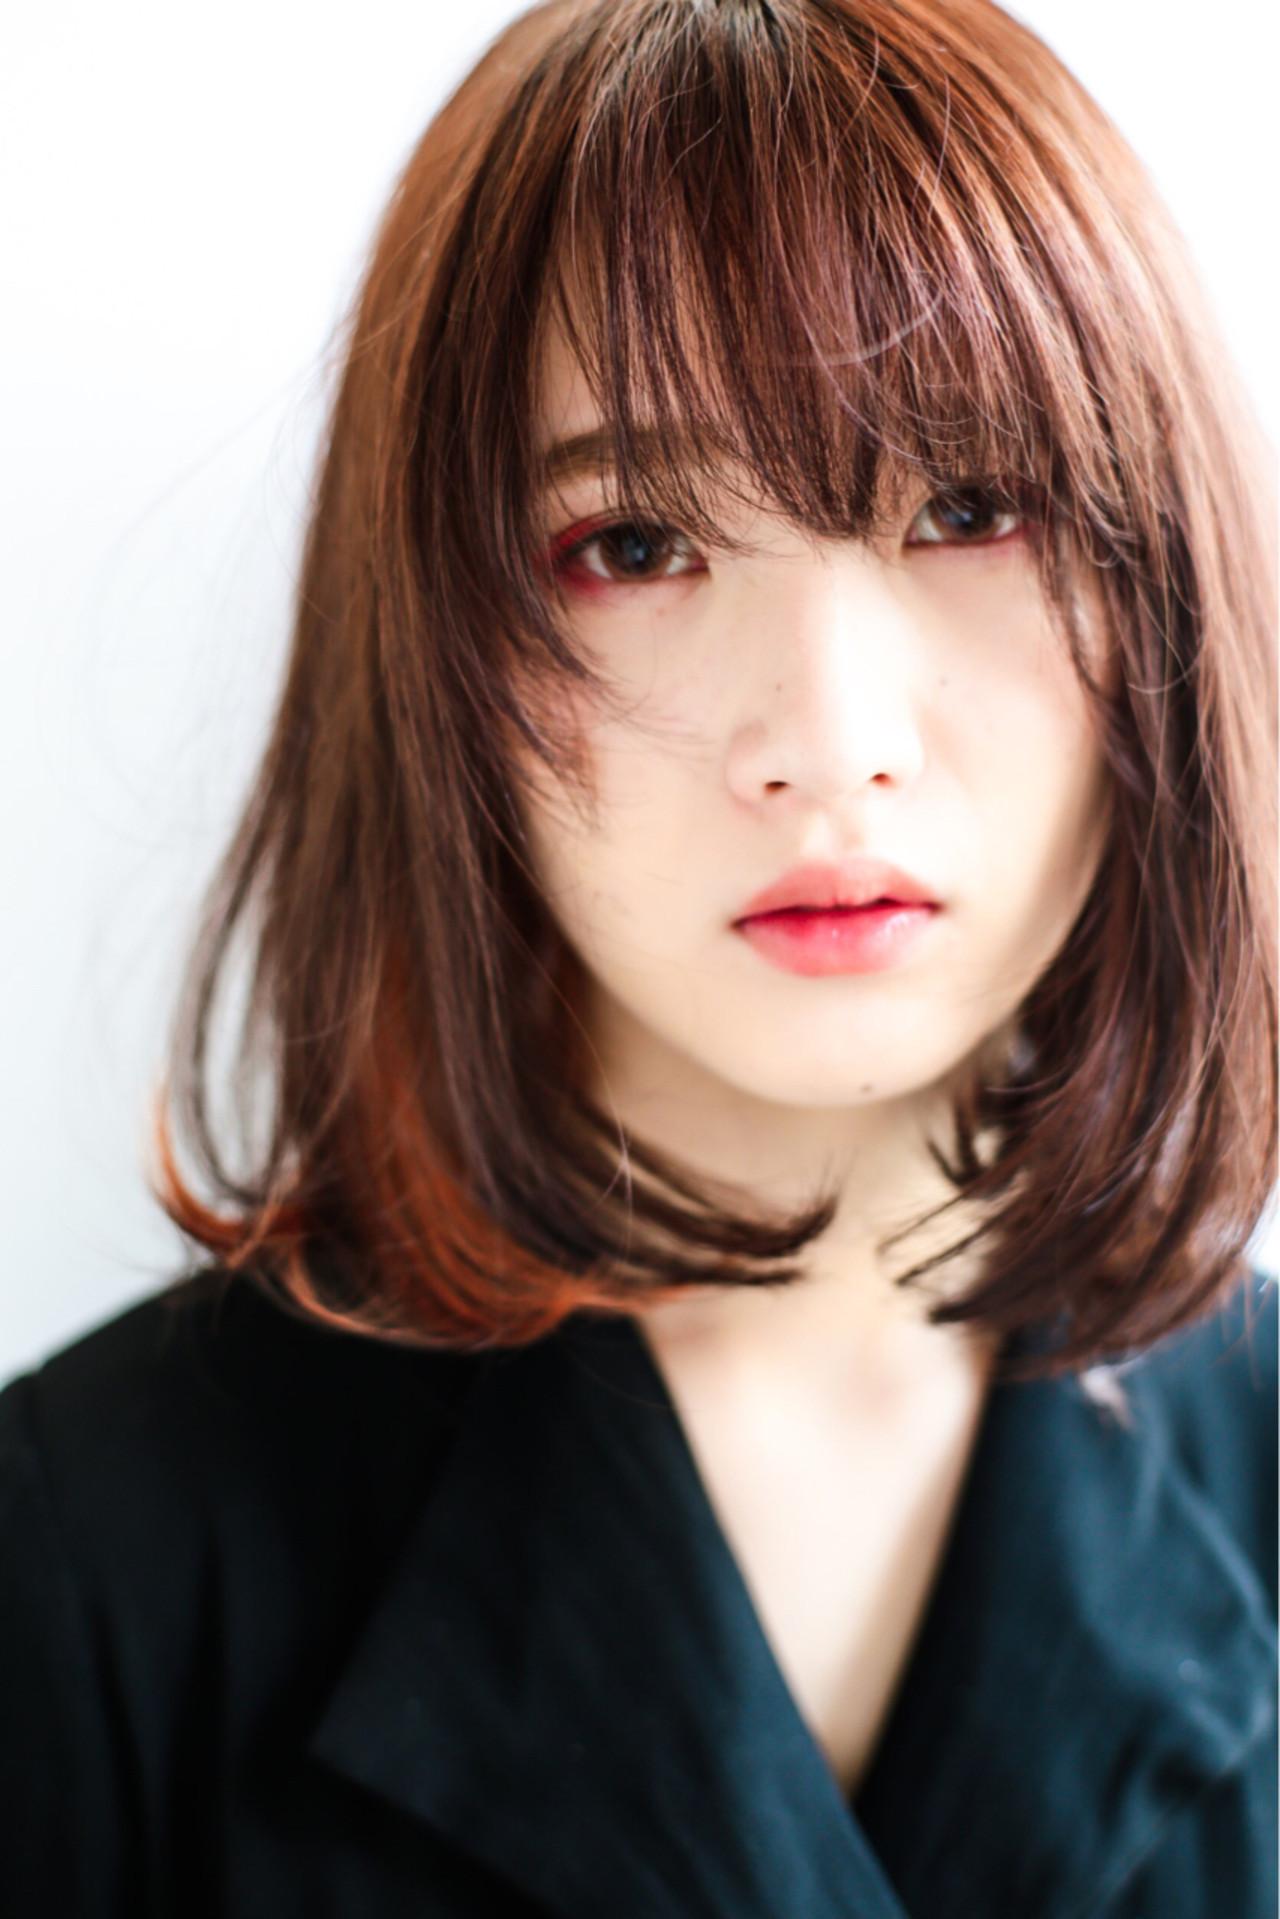 【顔型別】髪型に迷うなら顔の形で決める♡おすすめヘアスタイル集 原田 祐作